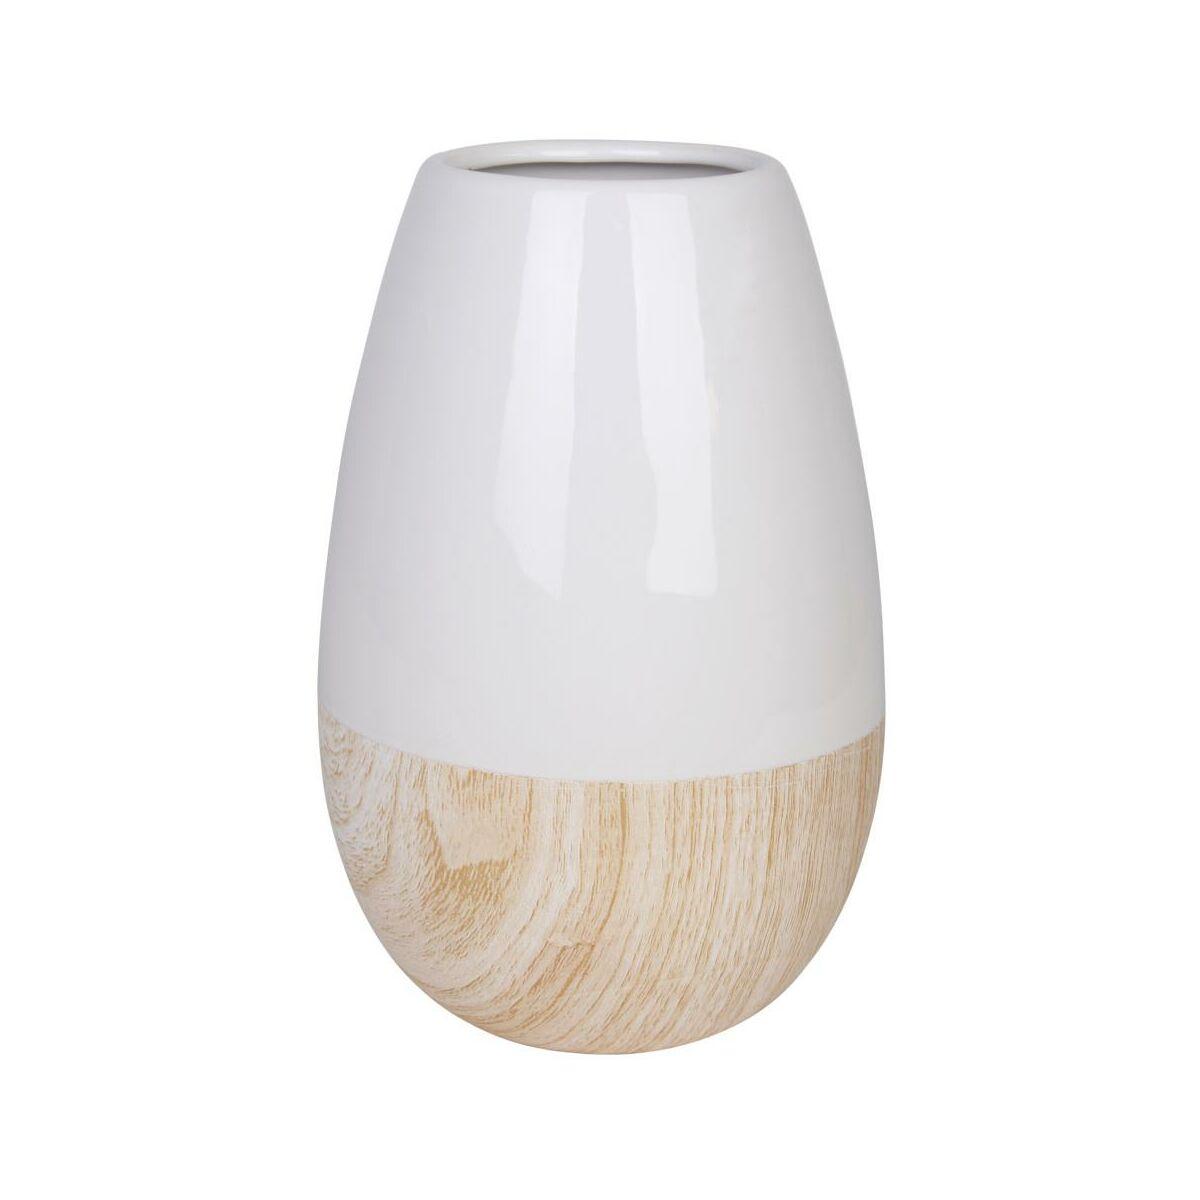 Wazon Ceramiczny Erie Wys 20 Cm Bialo Bezowy Wazony W Atrakcyjnej Cenie W Sklepach Leroy Merlin